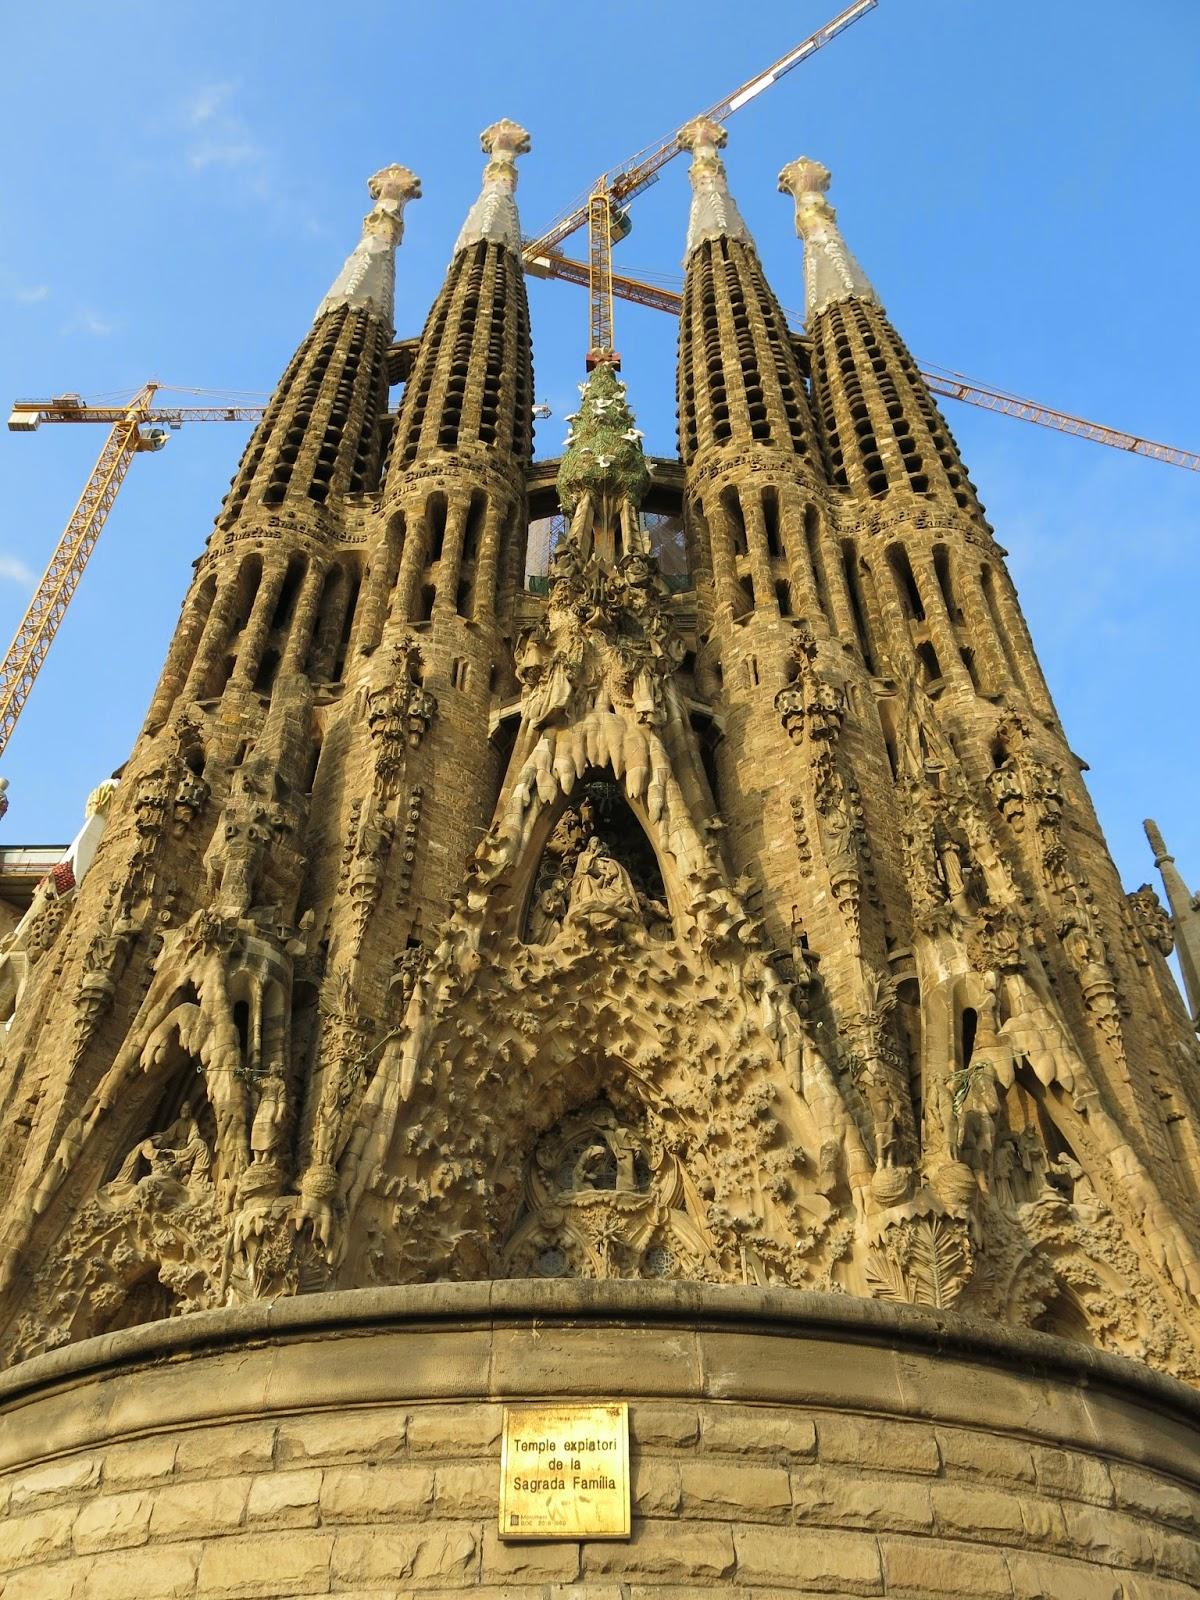 para entender un poco mejor la obra de la sagrada familia primero creo que debemos centrarnos un poco en la historia de su arquitecto aunque no fue gaud